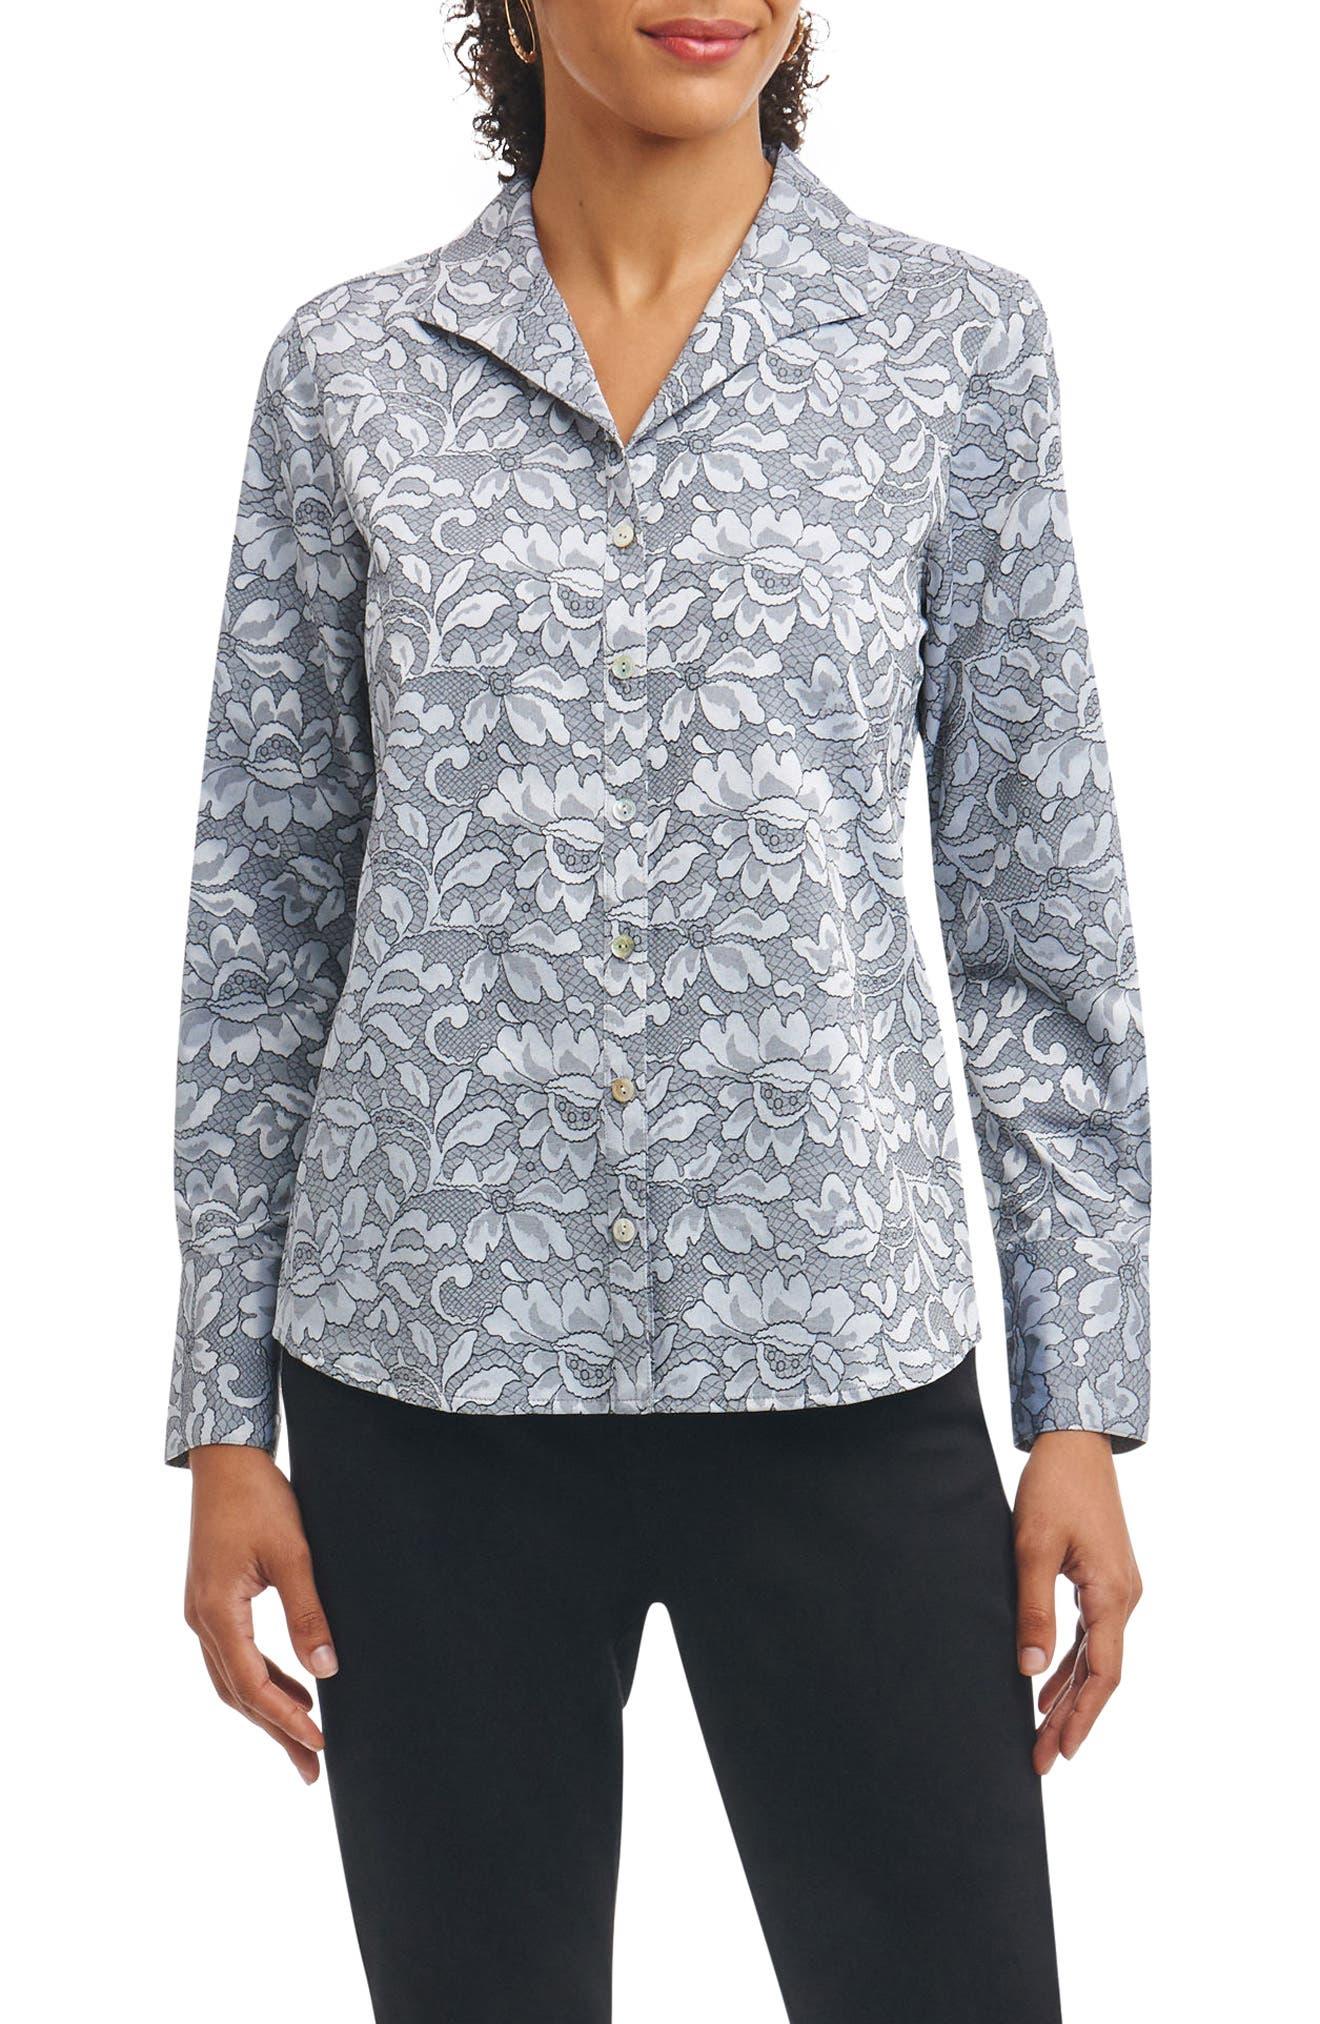 Rhonda Wrinkle Free Lace Jacquard Shirt,                             Main thumbnail 1, color,                             Slate